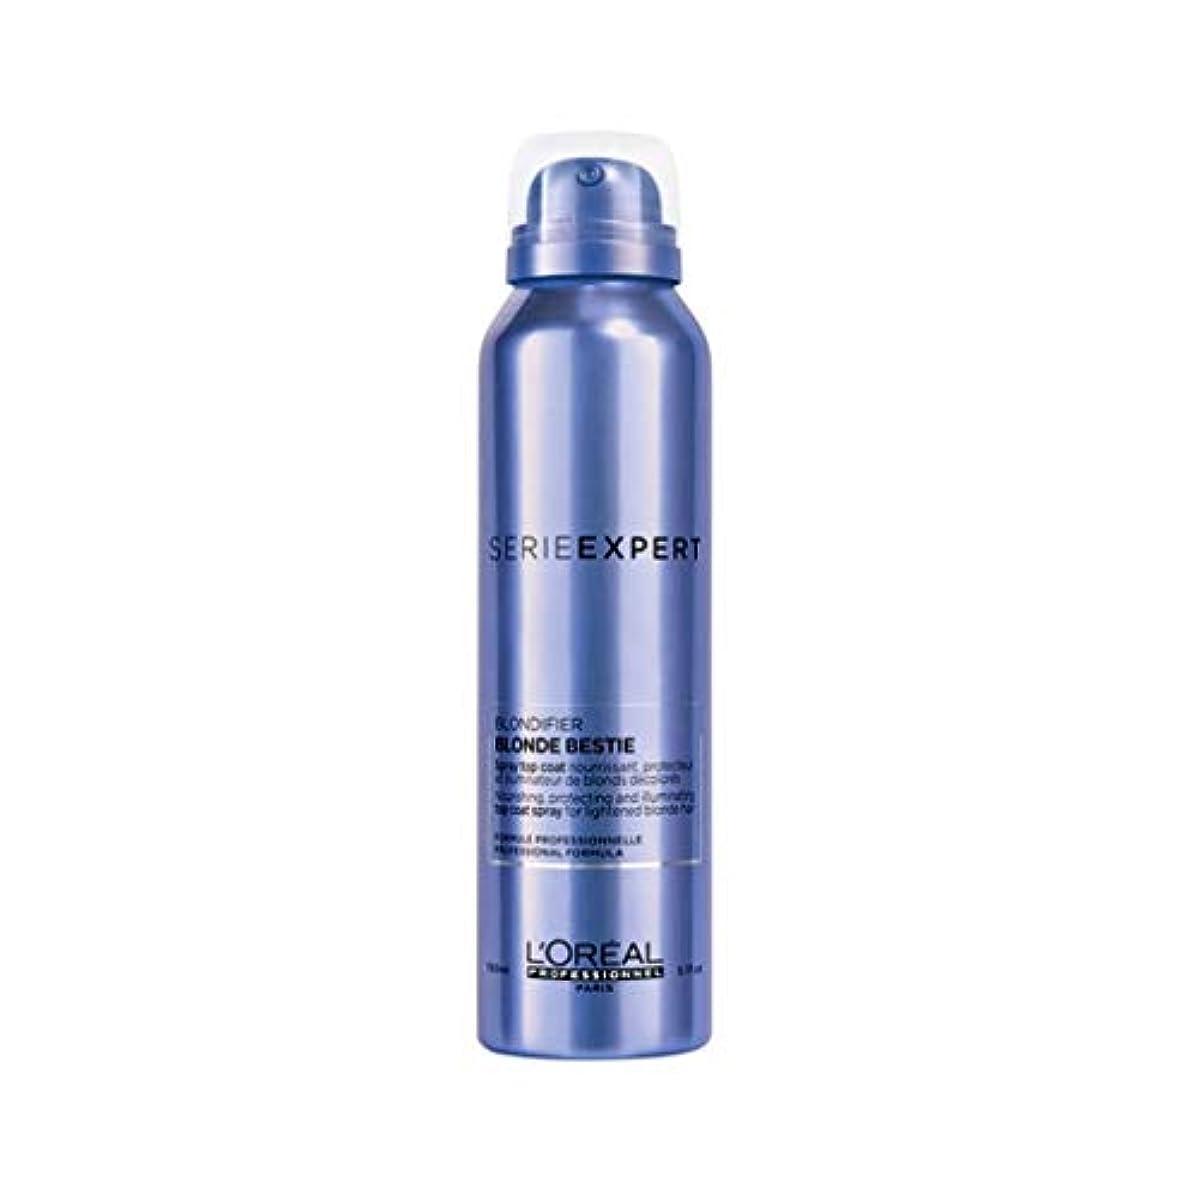 時代平方外部ロレアル セリエ エクスパート ブロンディファイア ブロンド ベスティー スプレー L'Oreal Serie Expert Blondifier Blond Bestie Spray 150 ml [並行輸入品]